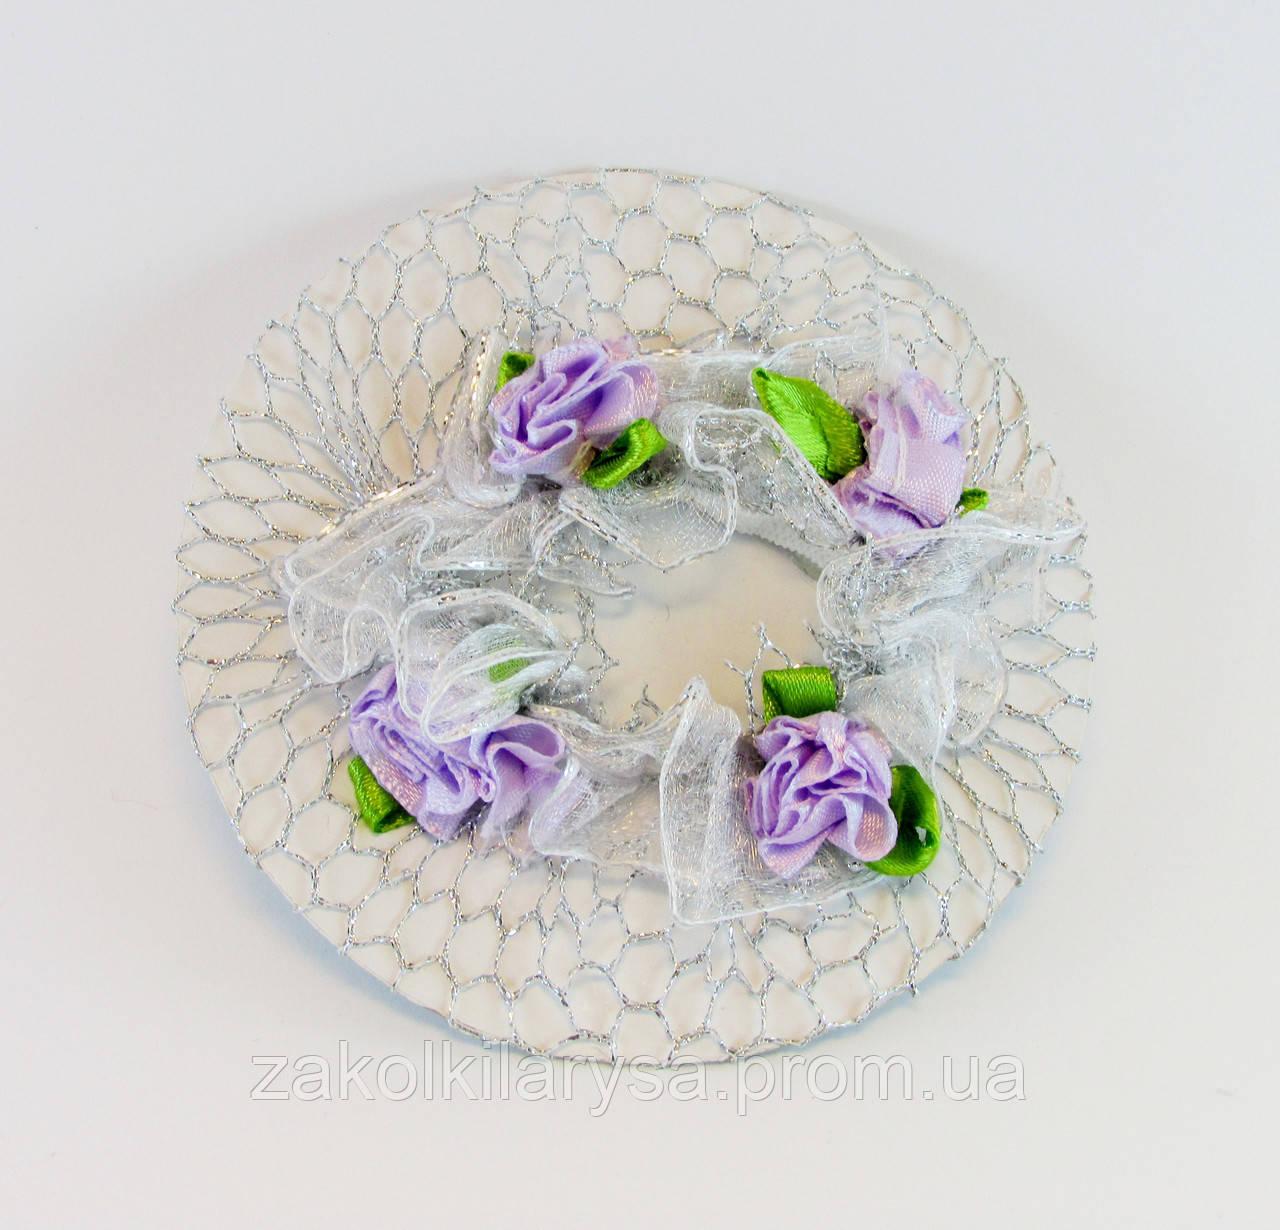 Сітка на гульку з трояндочками срібло-20 шт. - Ø 10,0 див.